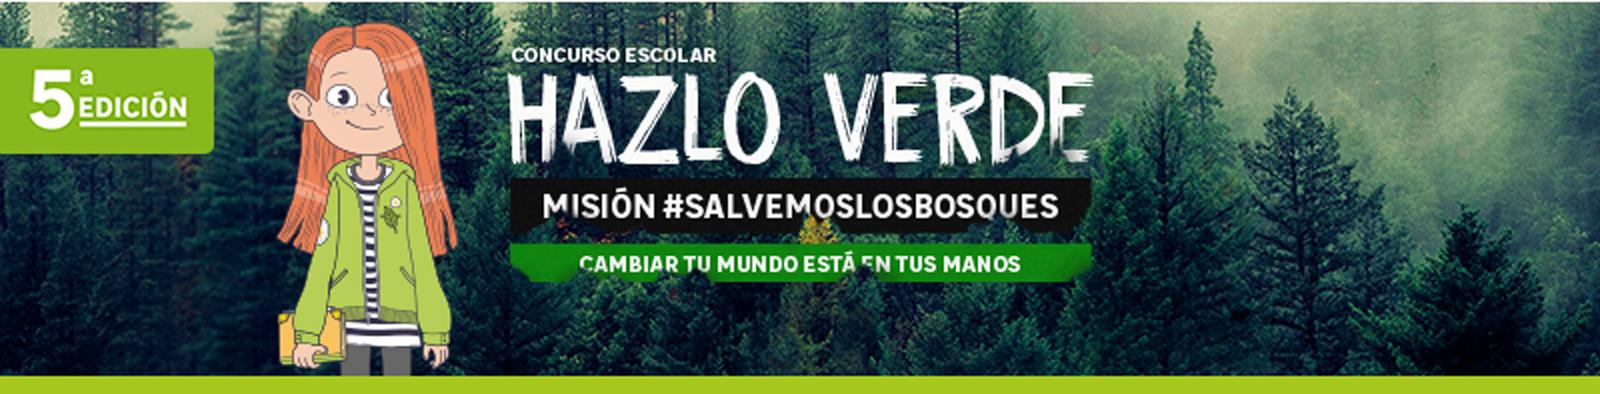 5ª edición del Programa de Sensibilización Educativa Hazlo Verde: Misión #Salvamoslosbosques.